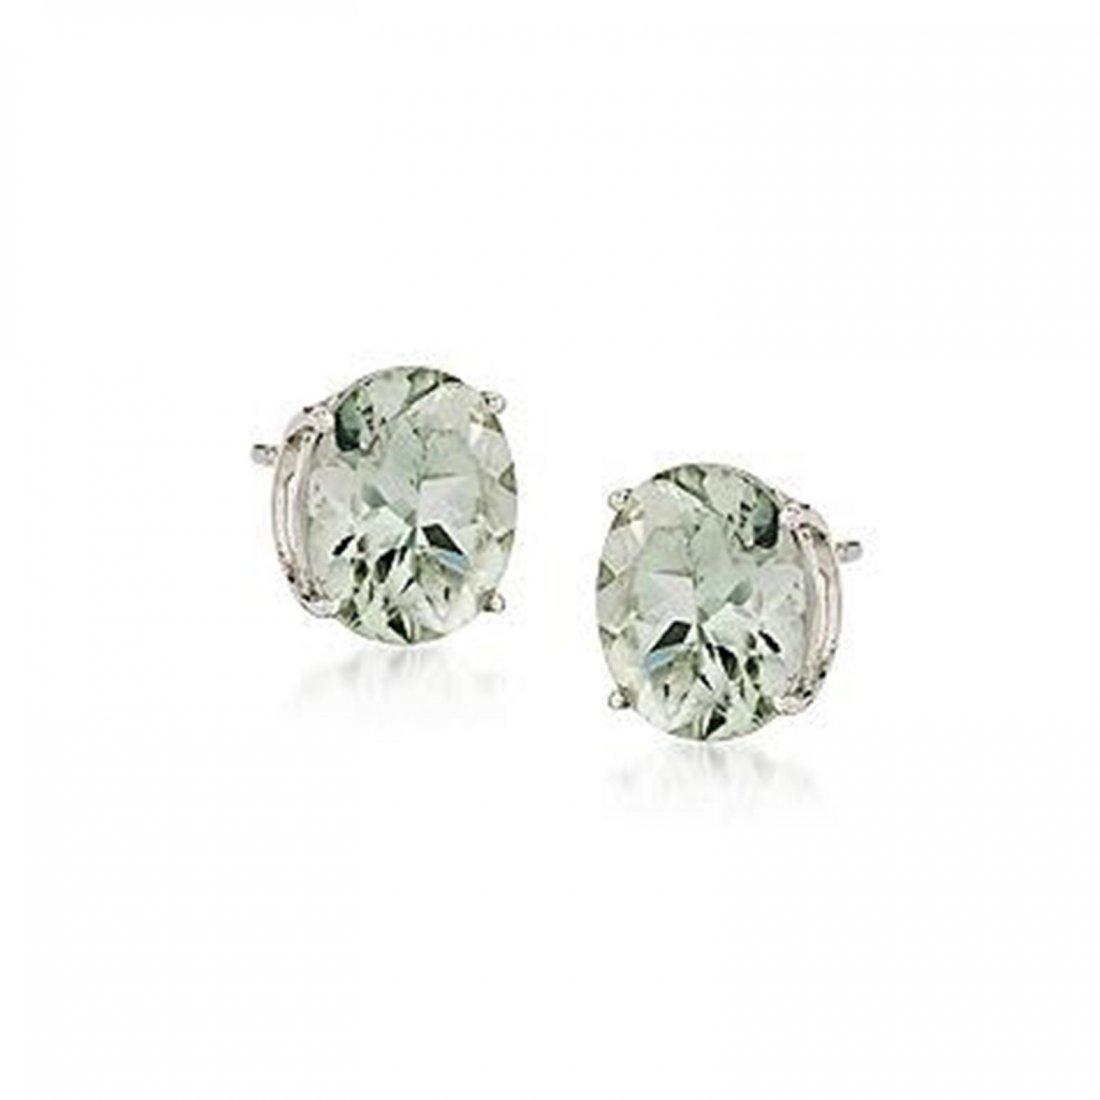 7.50 ct. t.w. Green Amethyst Earrings in Sterling